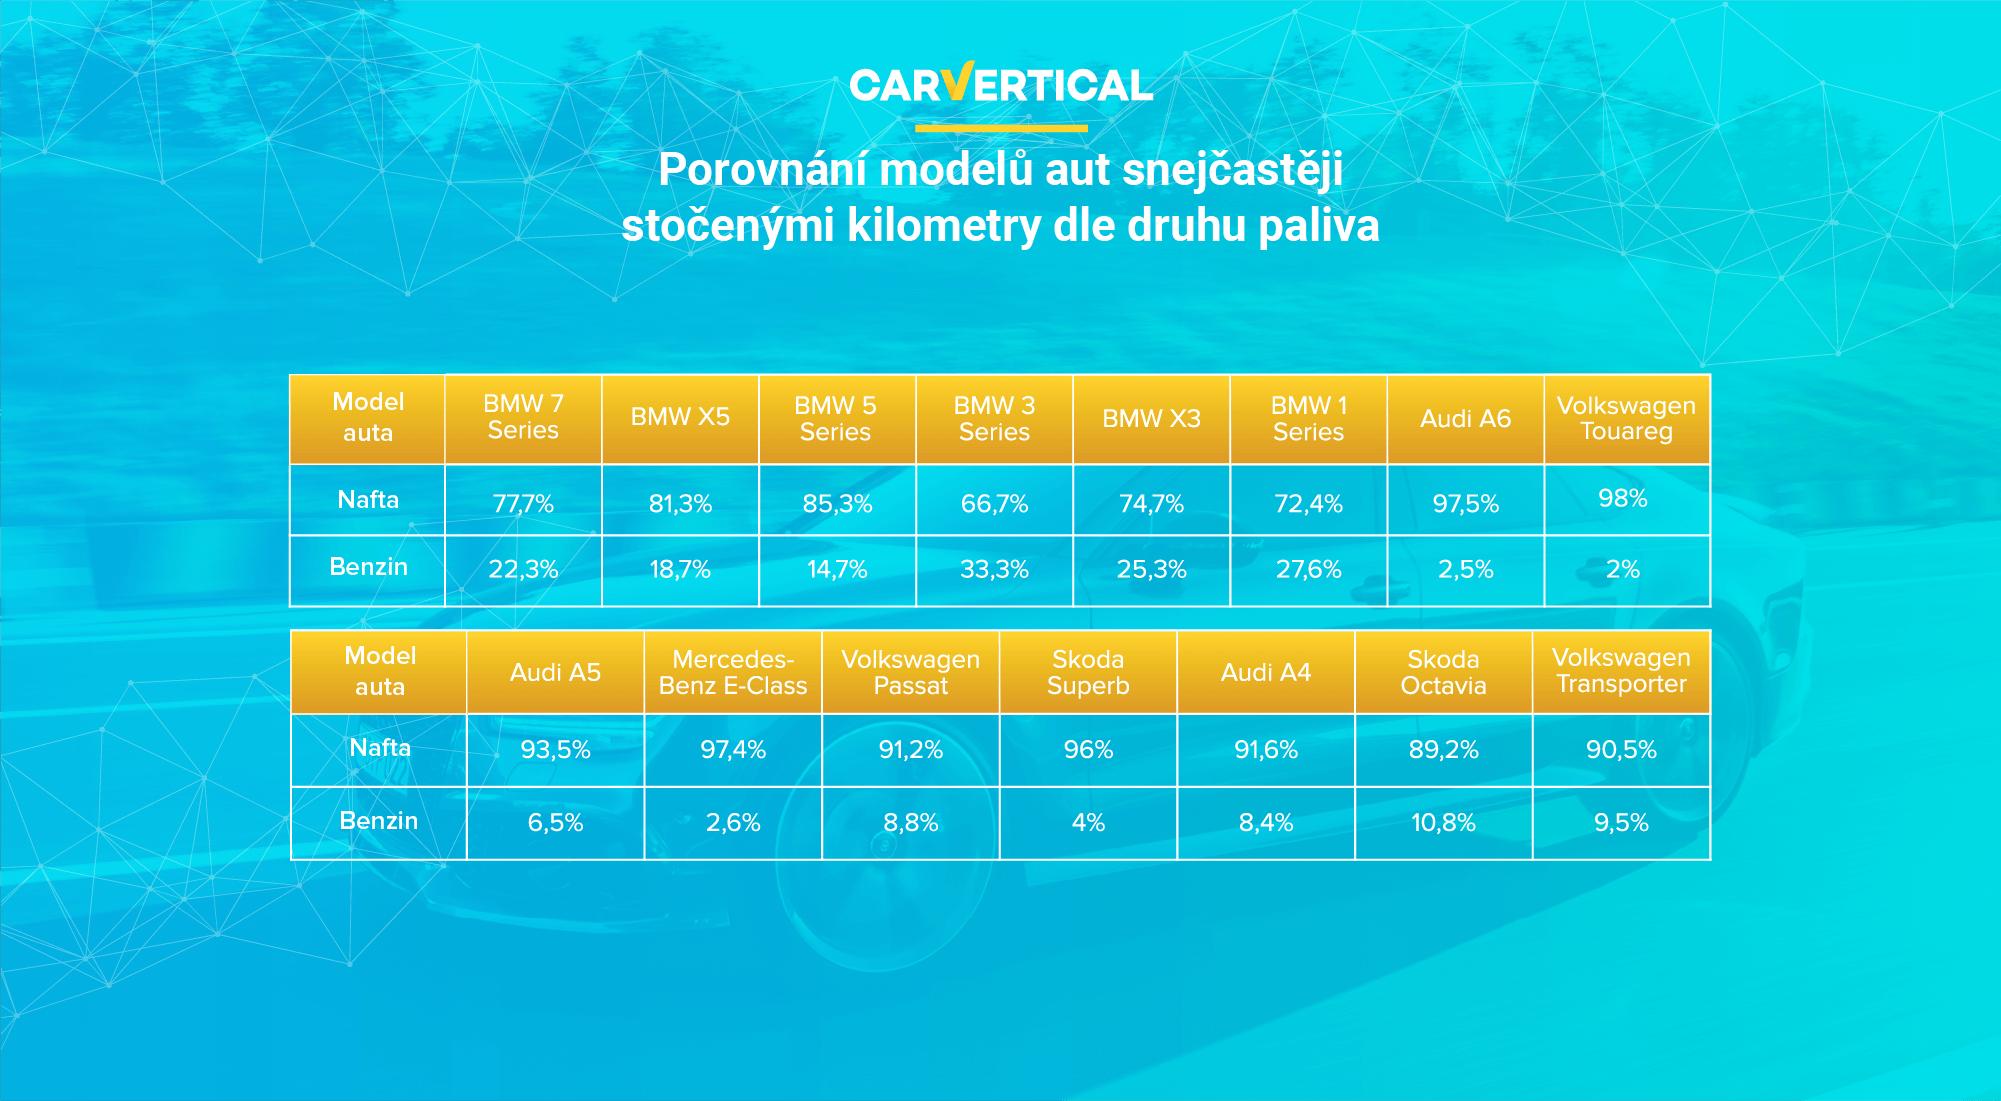 Srovnání modelů automobilů, které mají stočené kilometry, podle typu paliva